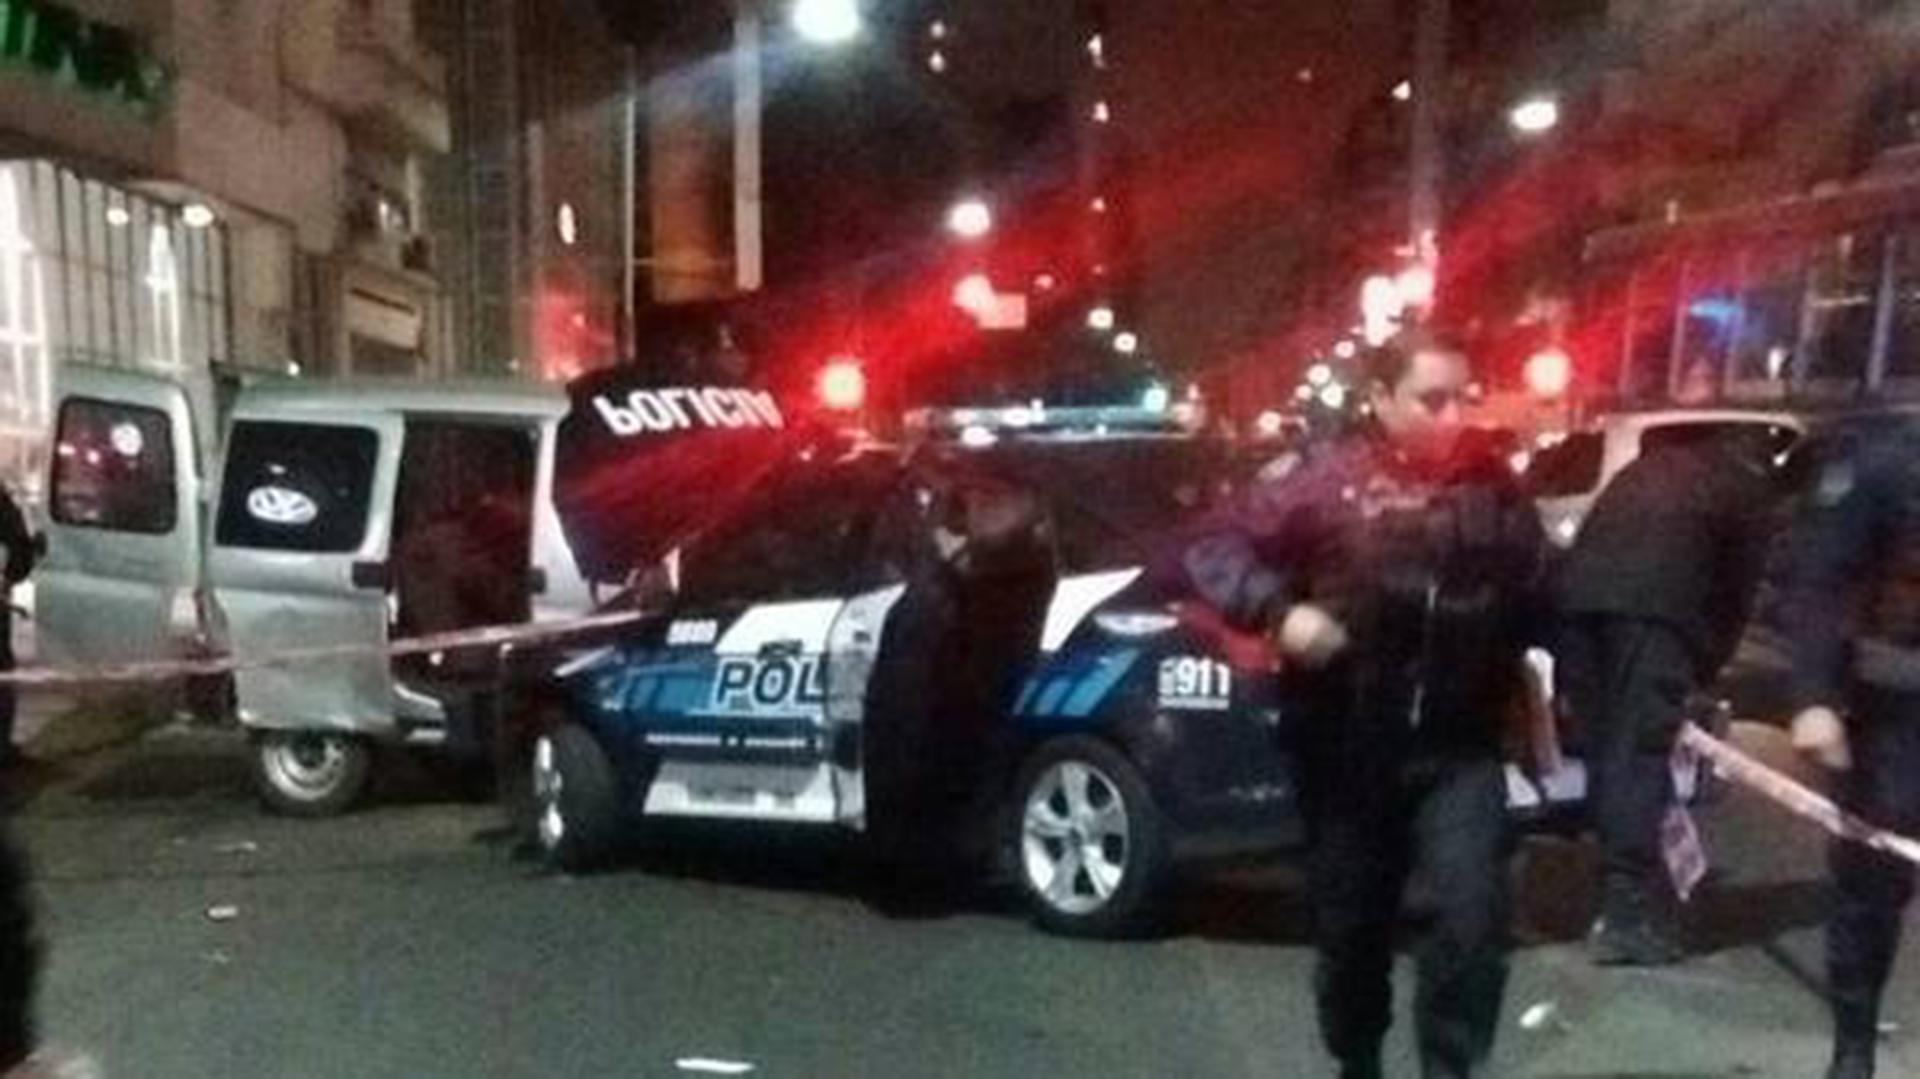 El patrullero de la Federal chocó el vehículo de la víctima y redujo a los delincuentes.